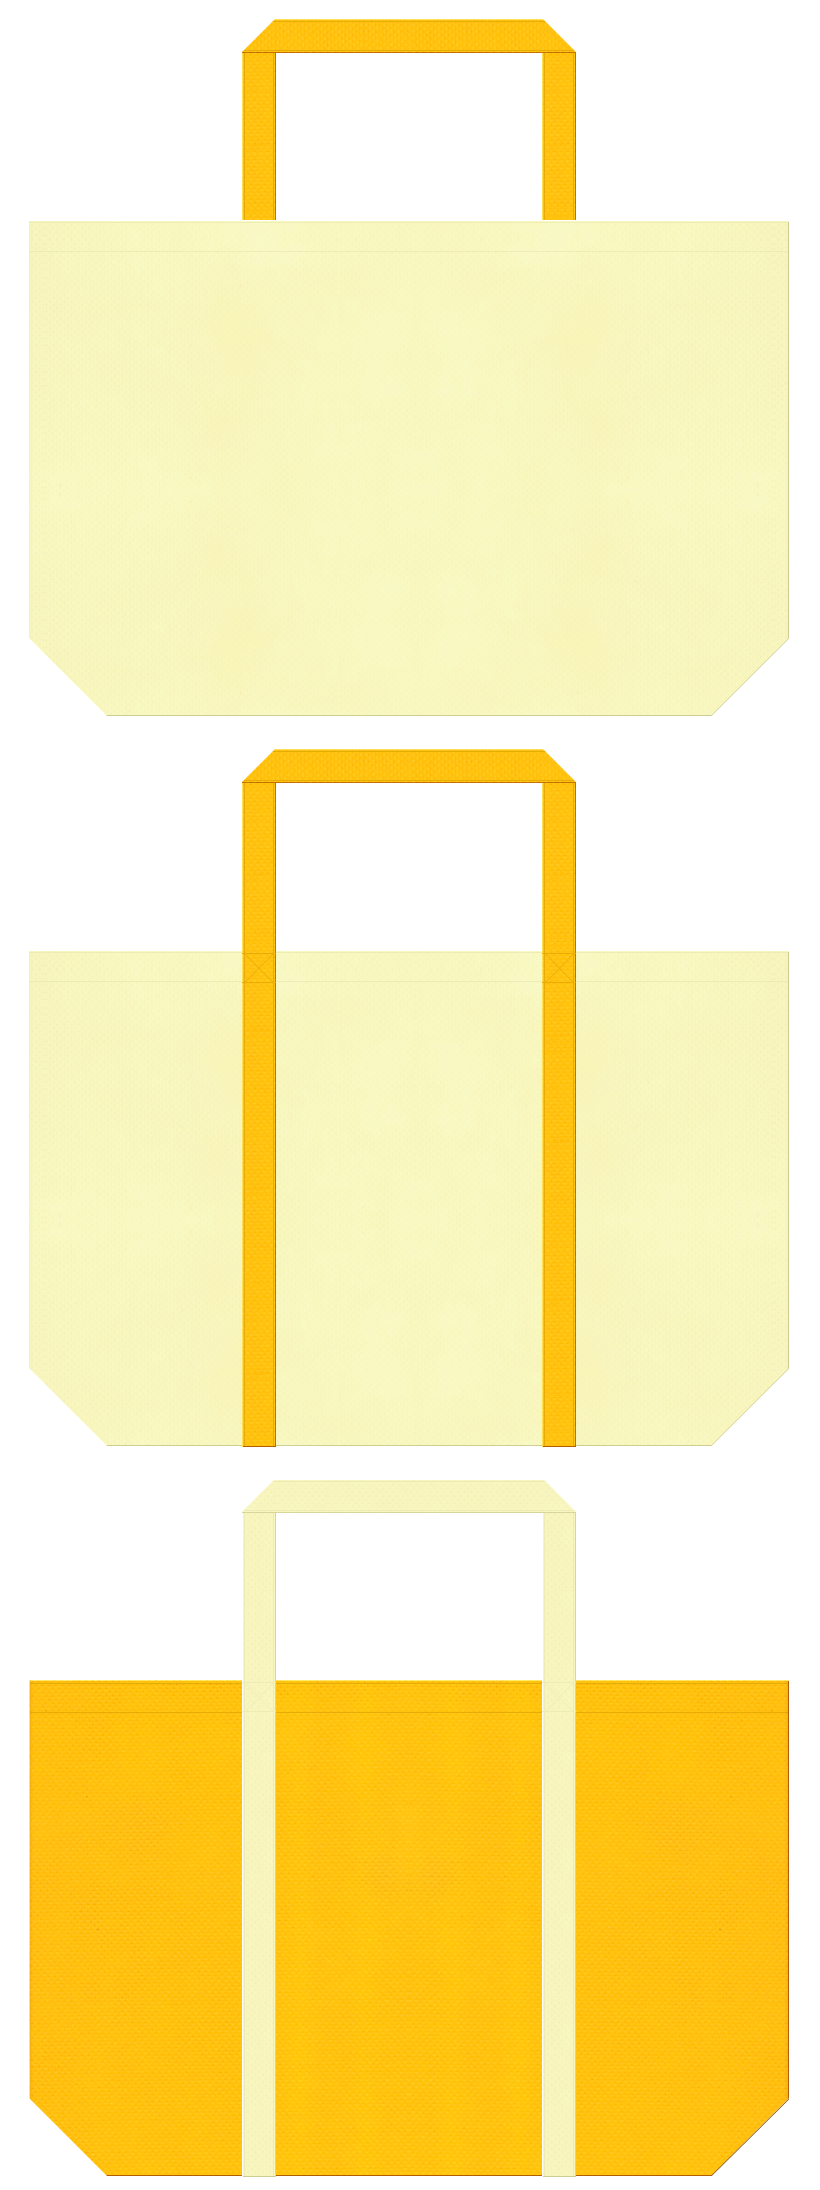 薄黄色と黄色の不織布マイバッグデザイン。バナナ風の配色